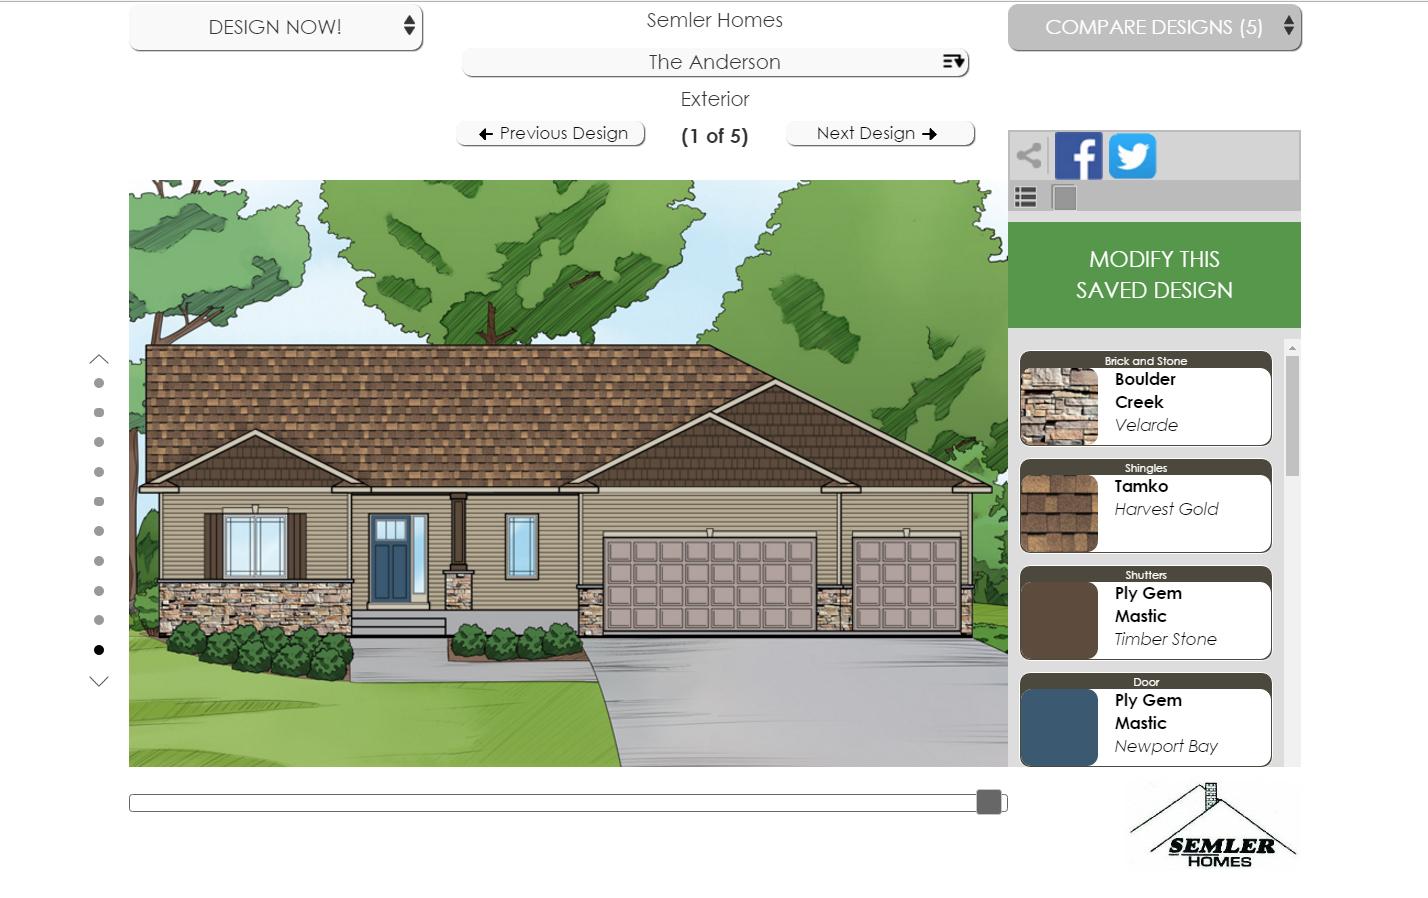 Home Visualizer Semler Companies